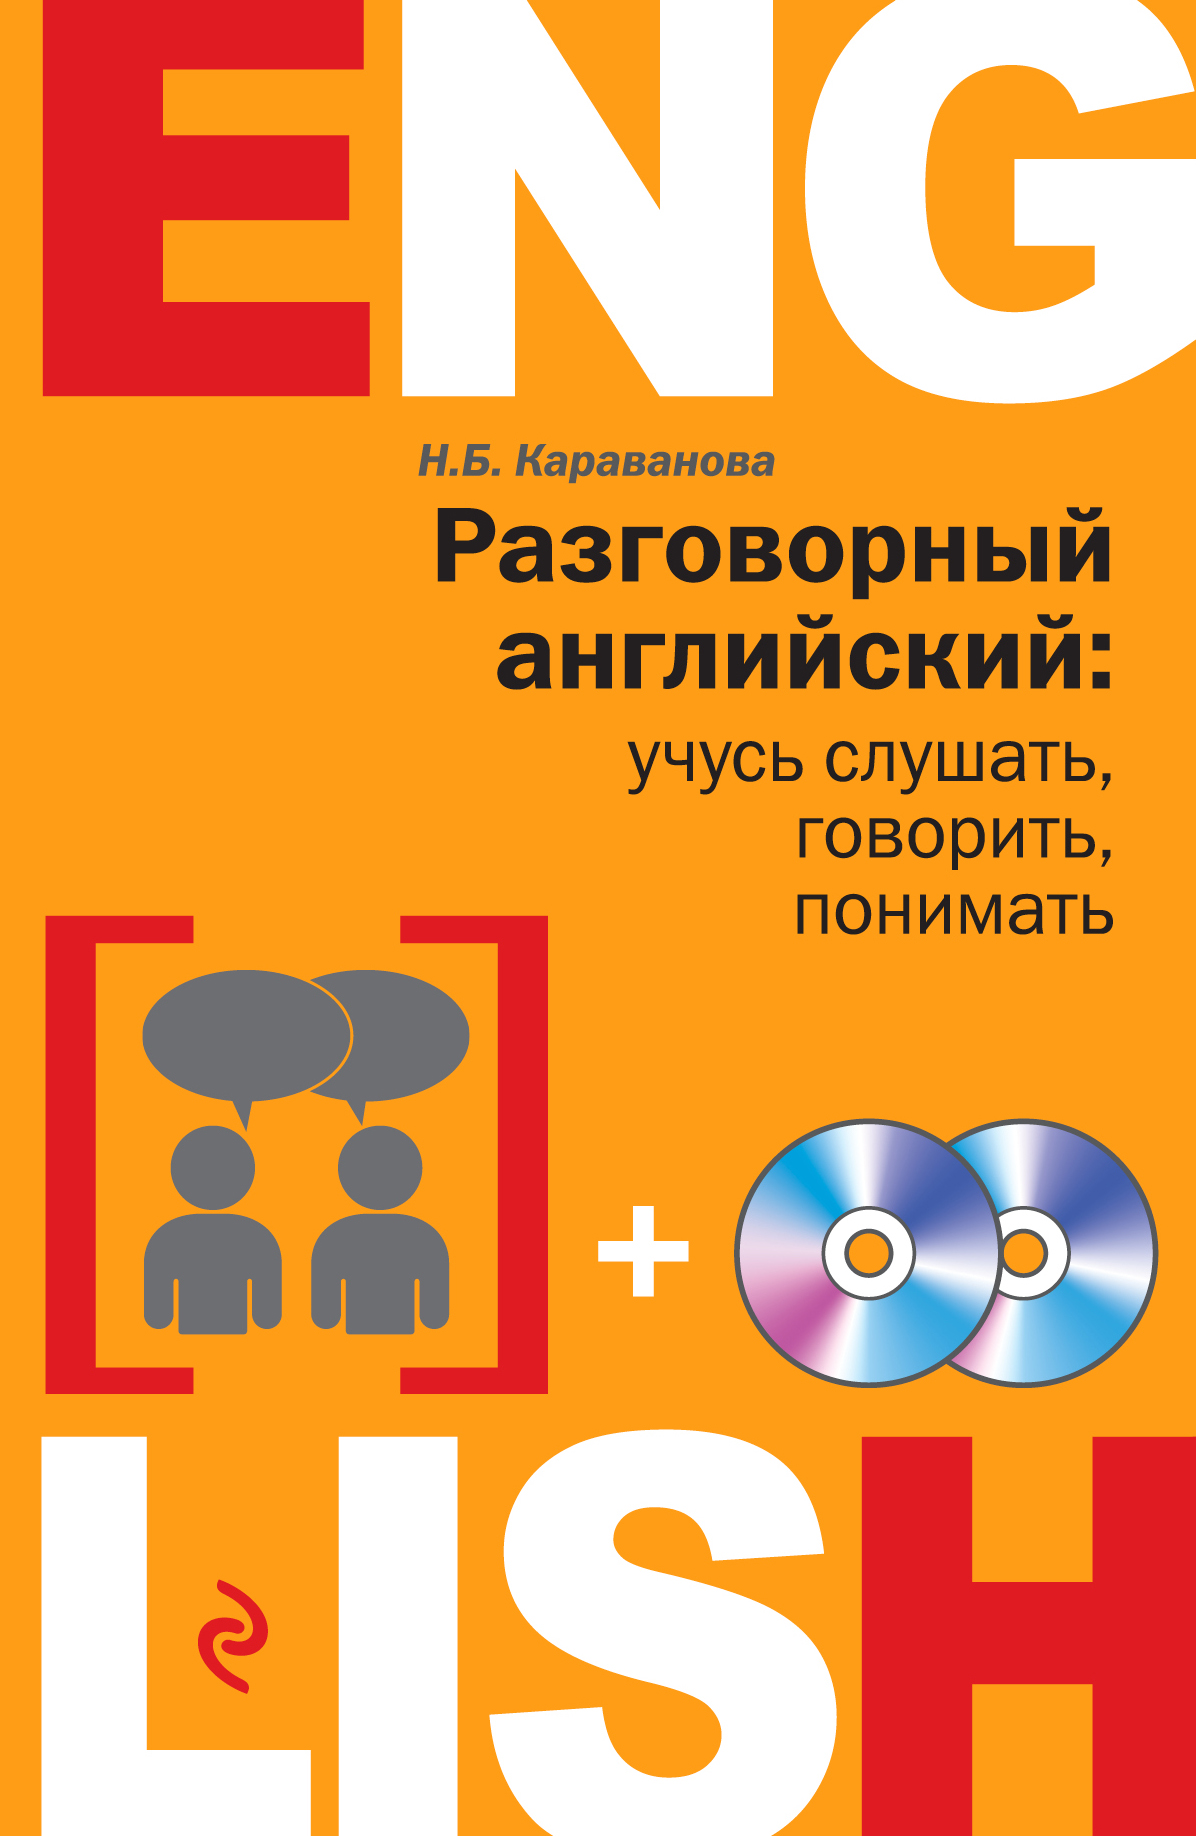 Разговорный английский: учусь слушать, говорить, понимать + 2 CD